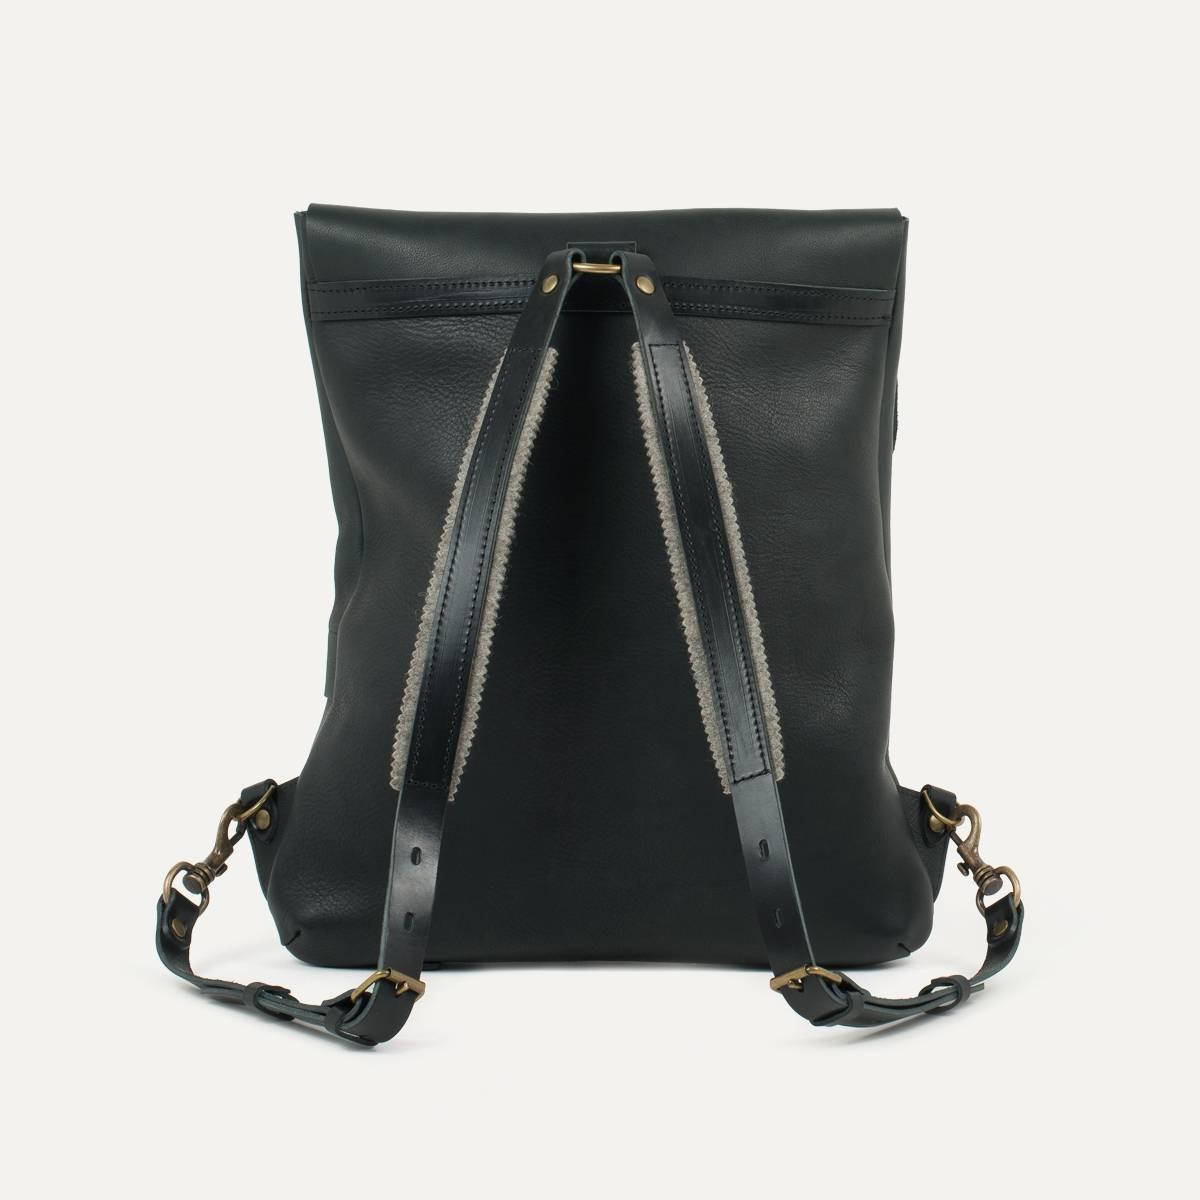 Coursier leather backpack - Black (image n°2)